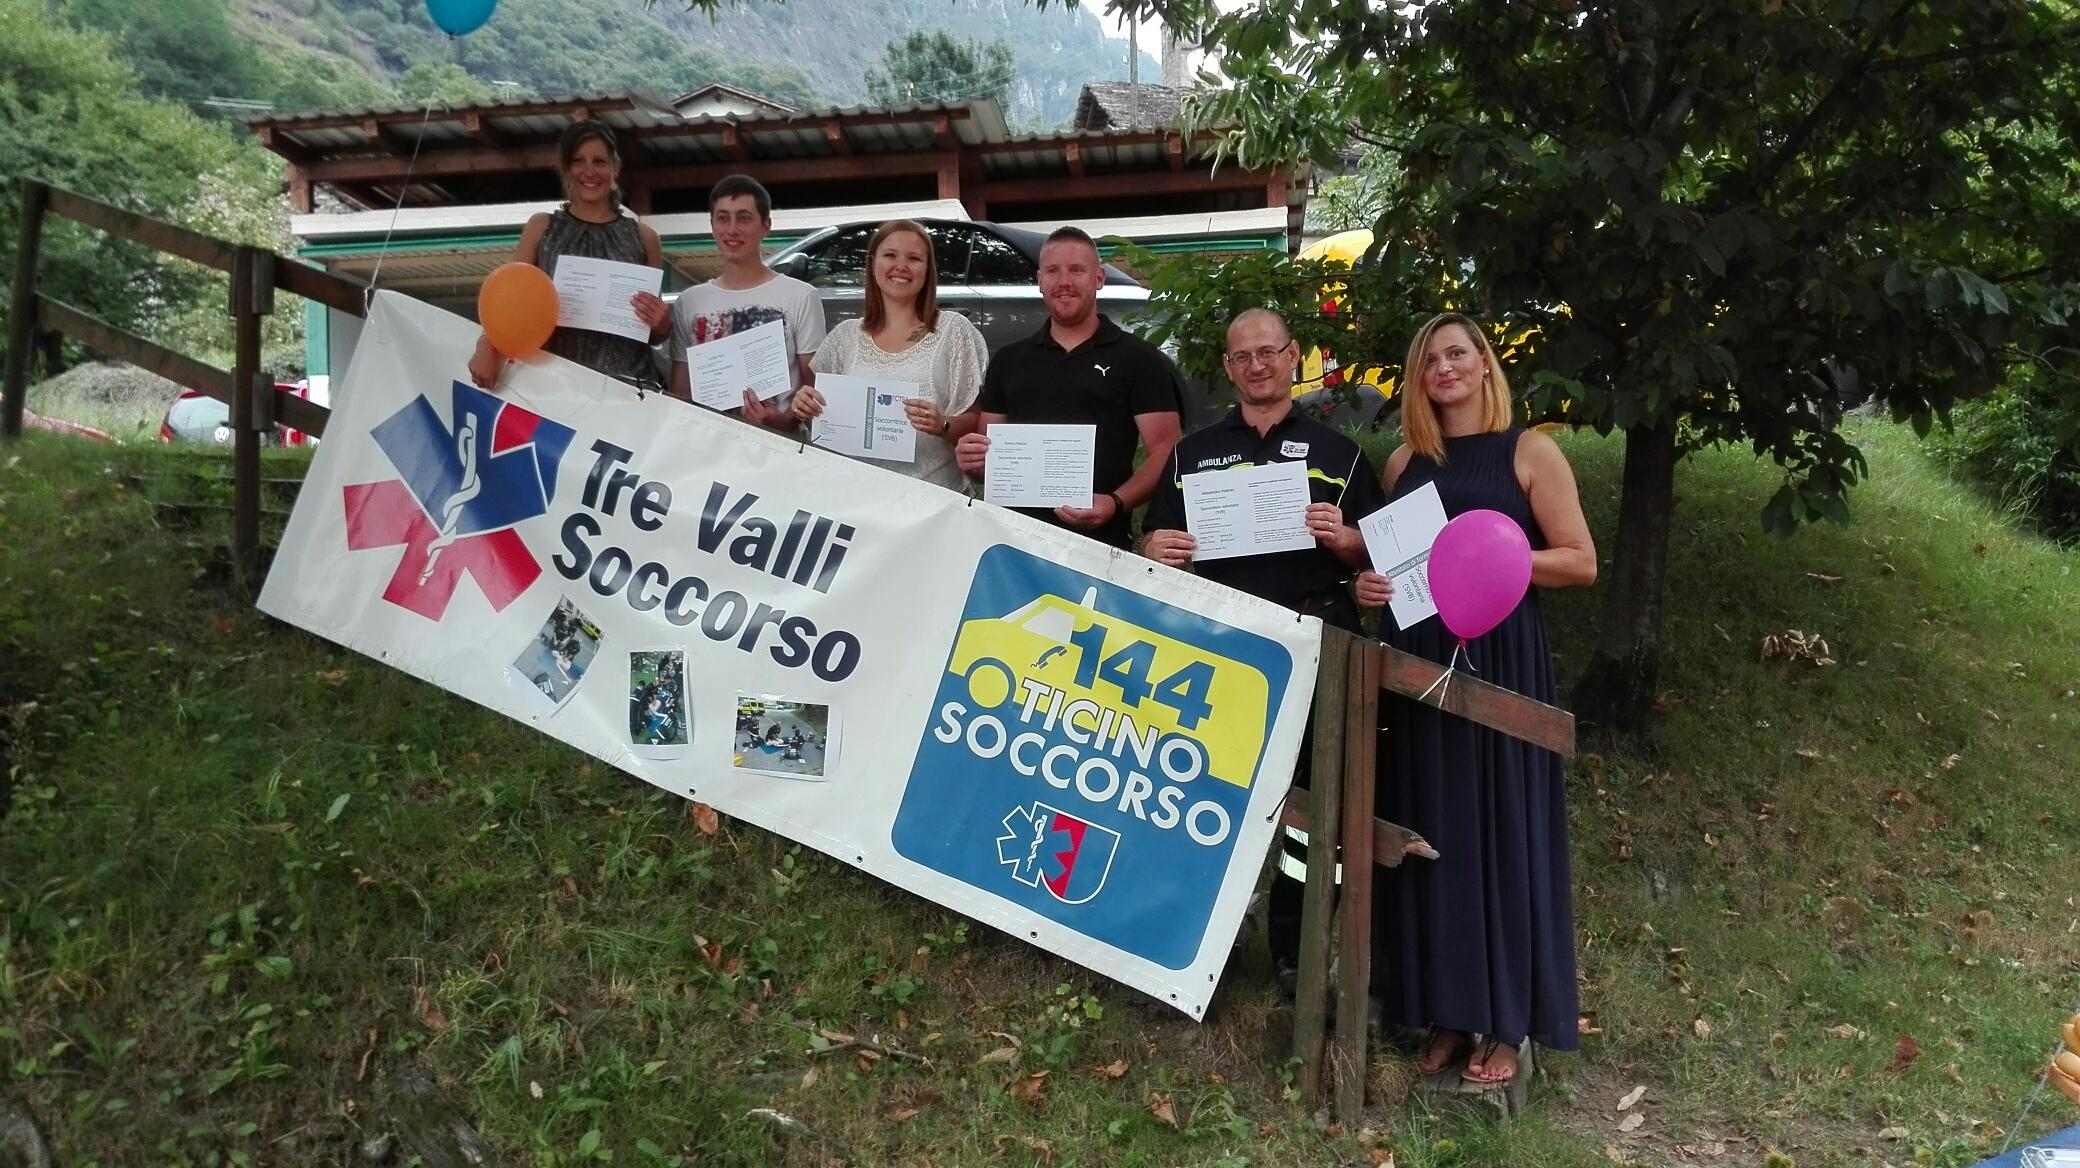 Nuovi Soccorritori Volontari a Tre Valli Soccorso